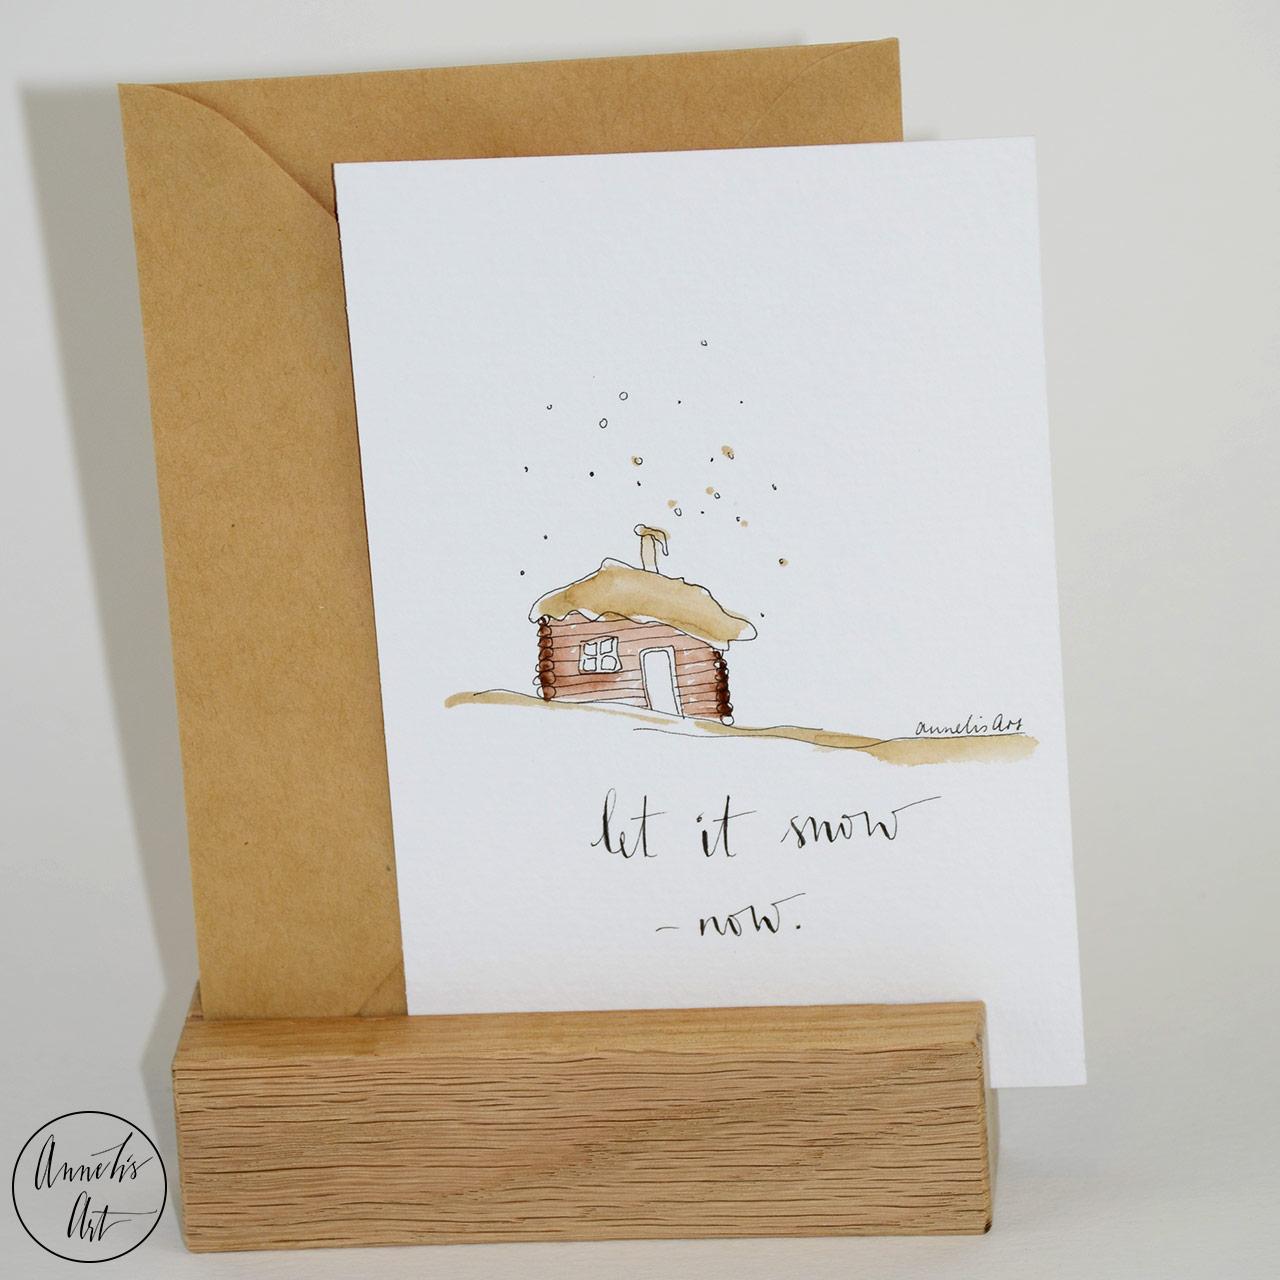 Weihnachtskarte - Let it Snow, now! Grußkarte | Klappkarte mit Umschlag